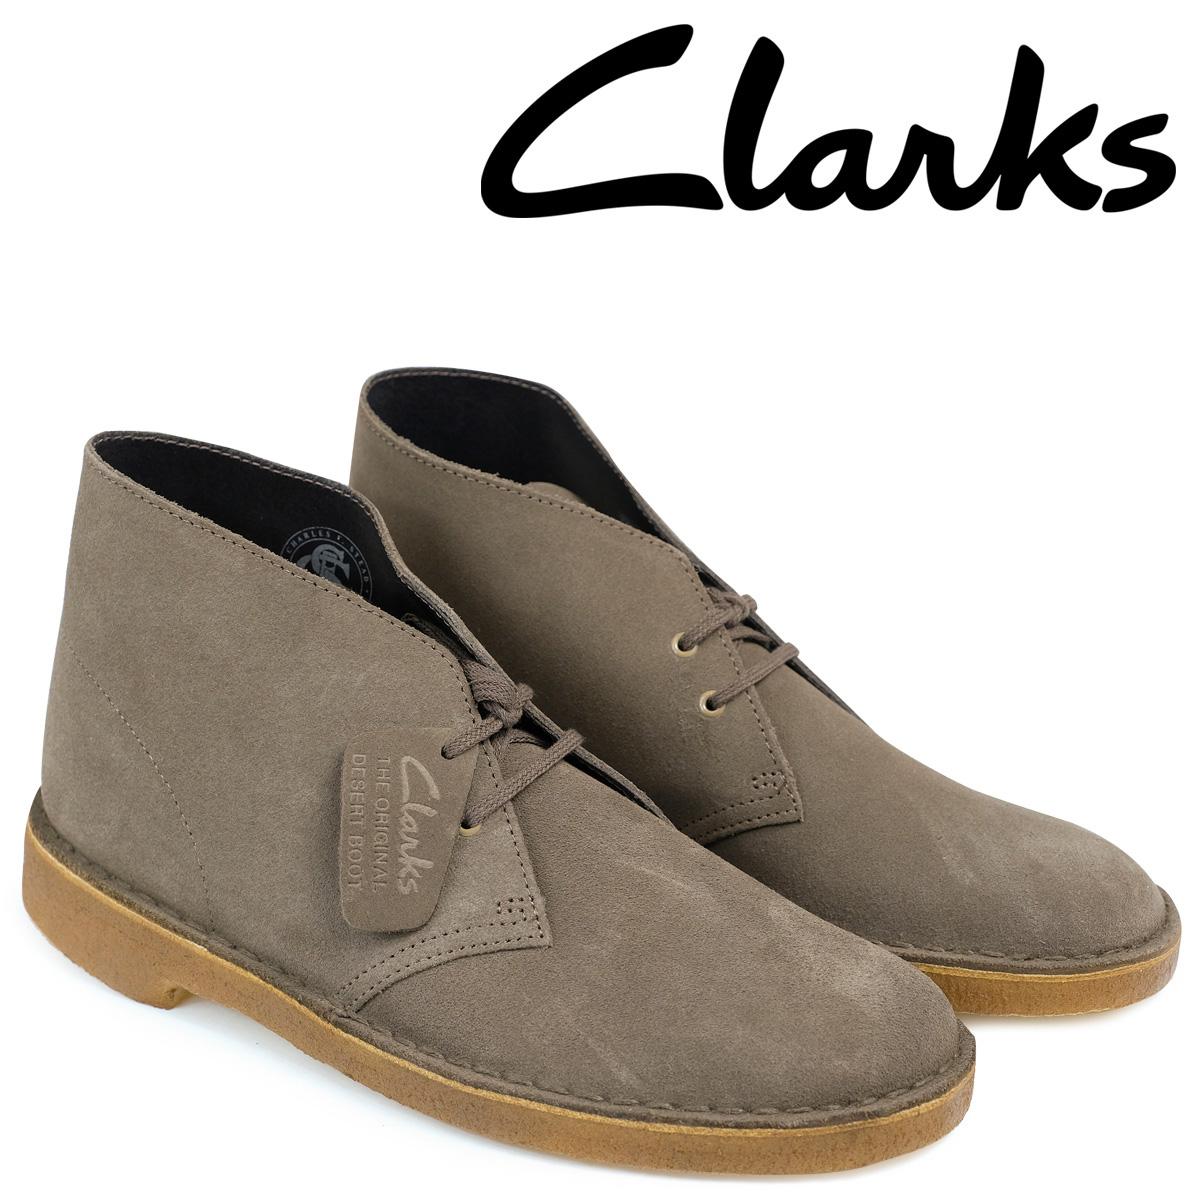 【最大2000円OFFクーポン】 クラークス デザートブーツ メンズ Clarks DESERT BOOT 26128682 レザー オリーブ